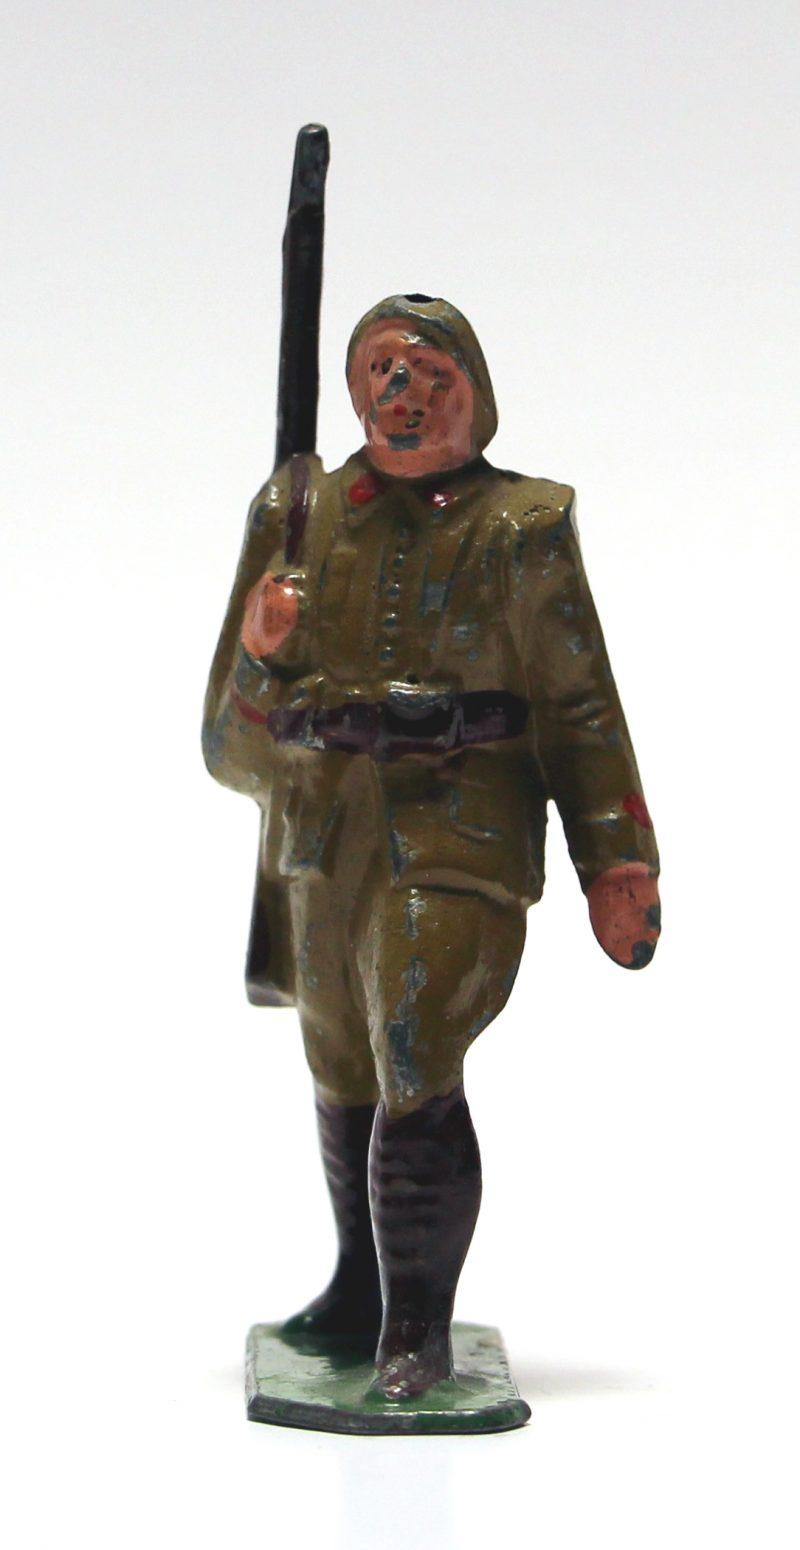 1 Ancienne Figurine Plomb Creux 1940/50 - Infanterie de Forteresse - Guerre 1940 - Armée Française - Peinture d'origine